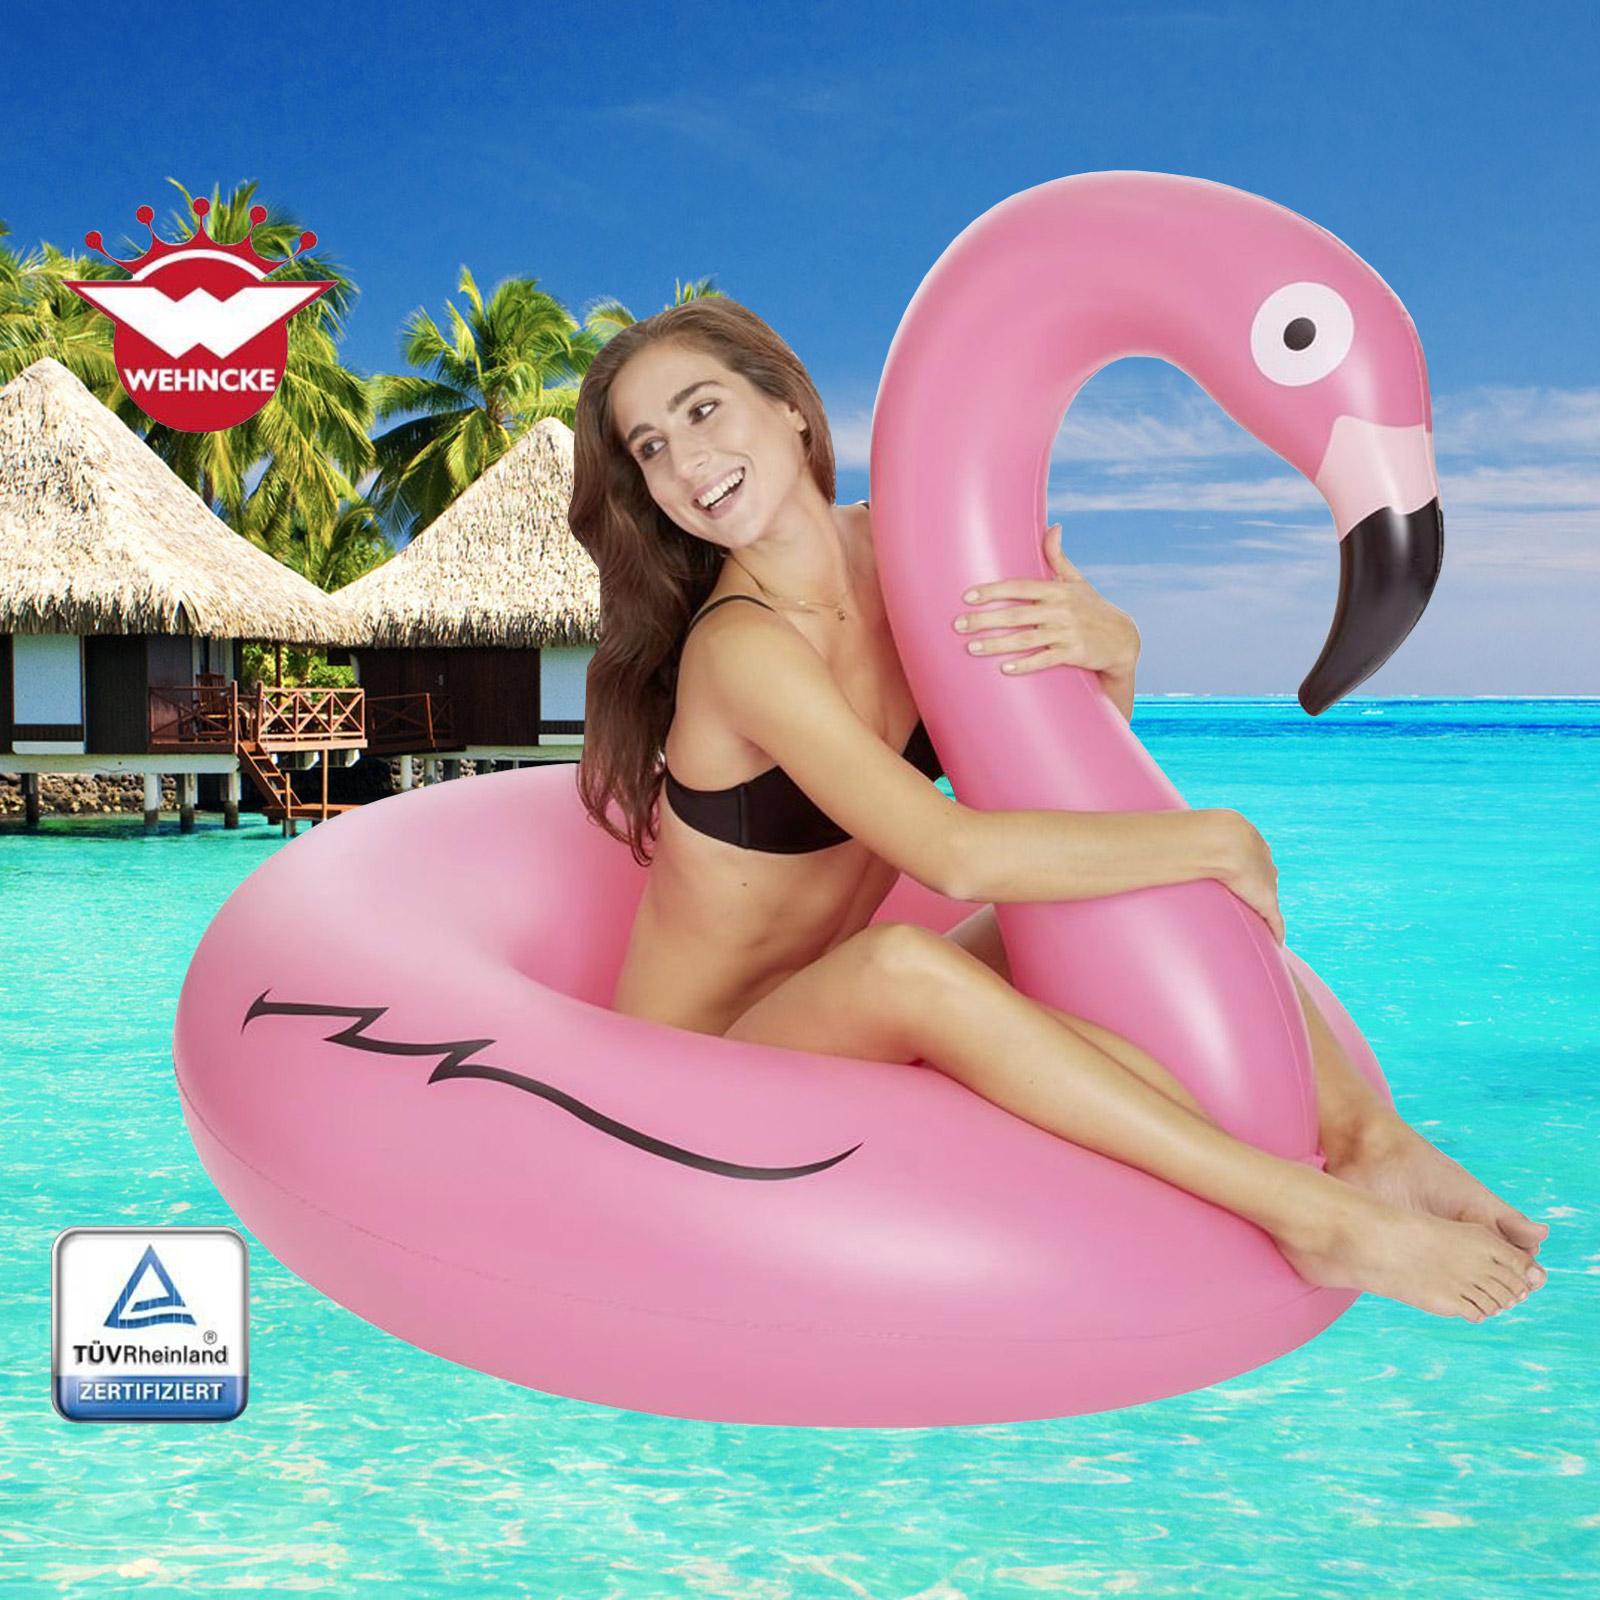 Wehncke Badetier Flamingo Schwimmtier Reittier Pool 77807